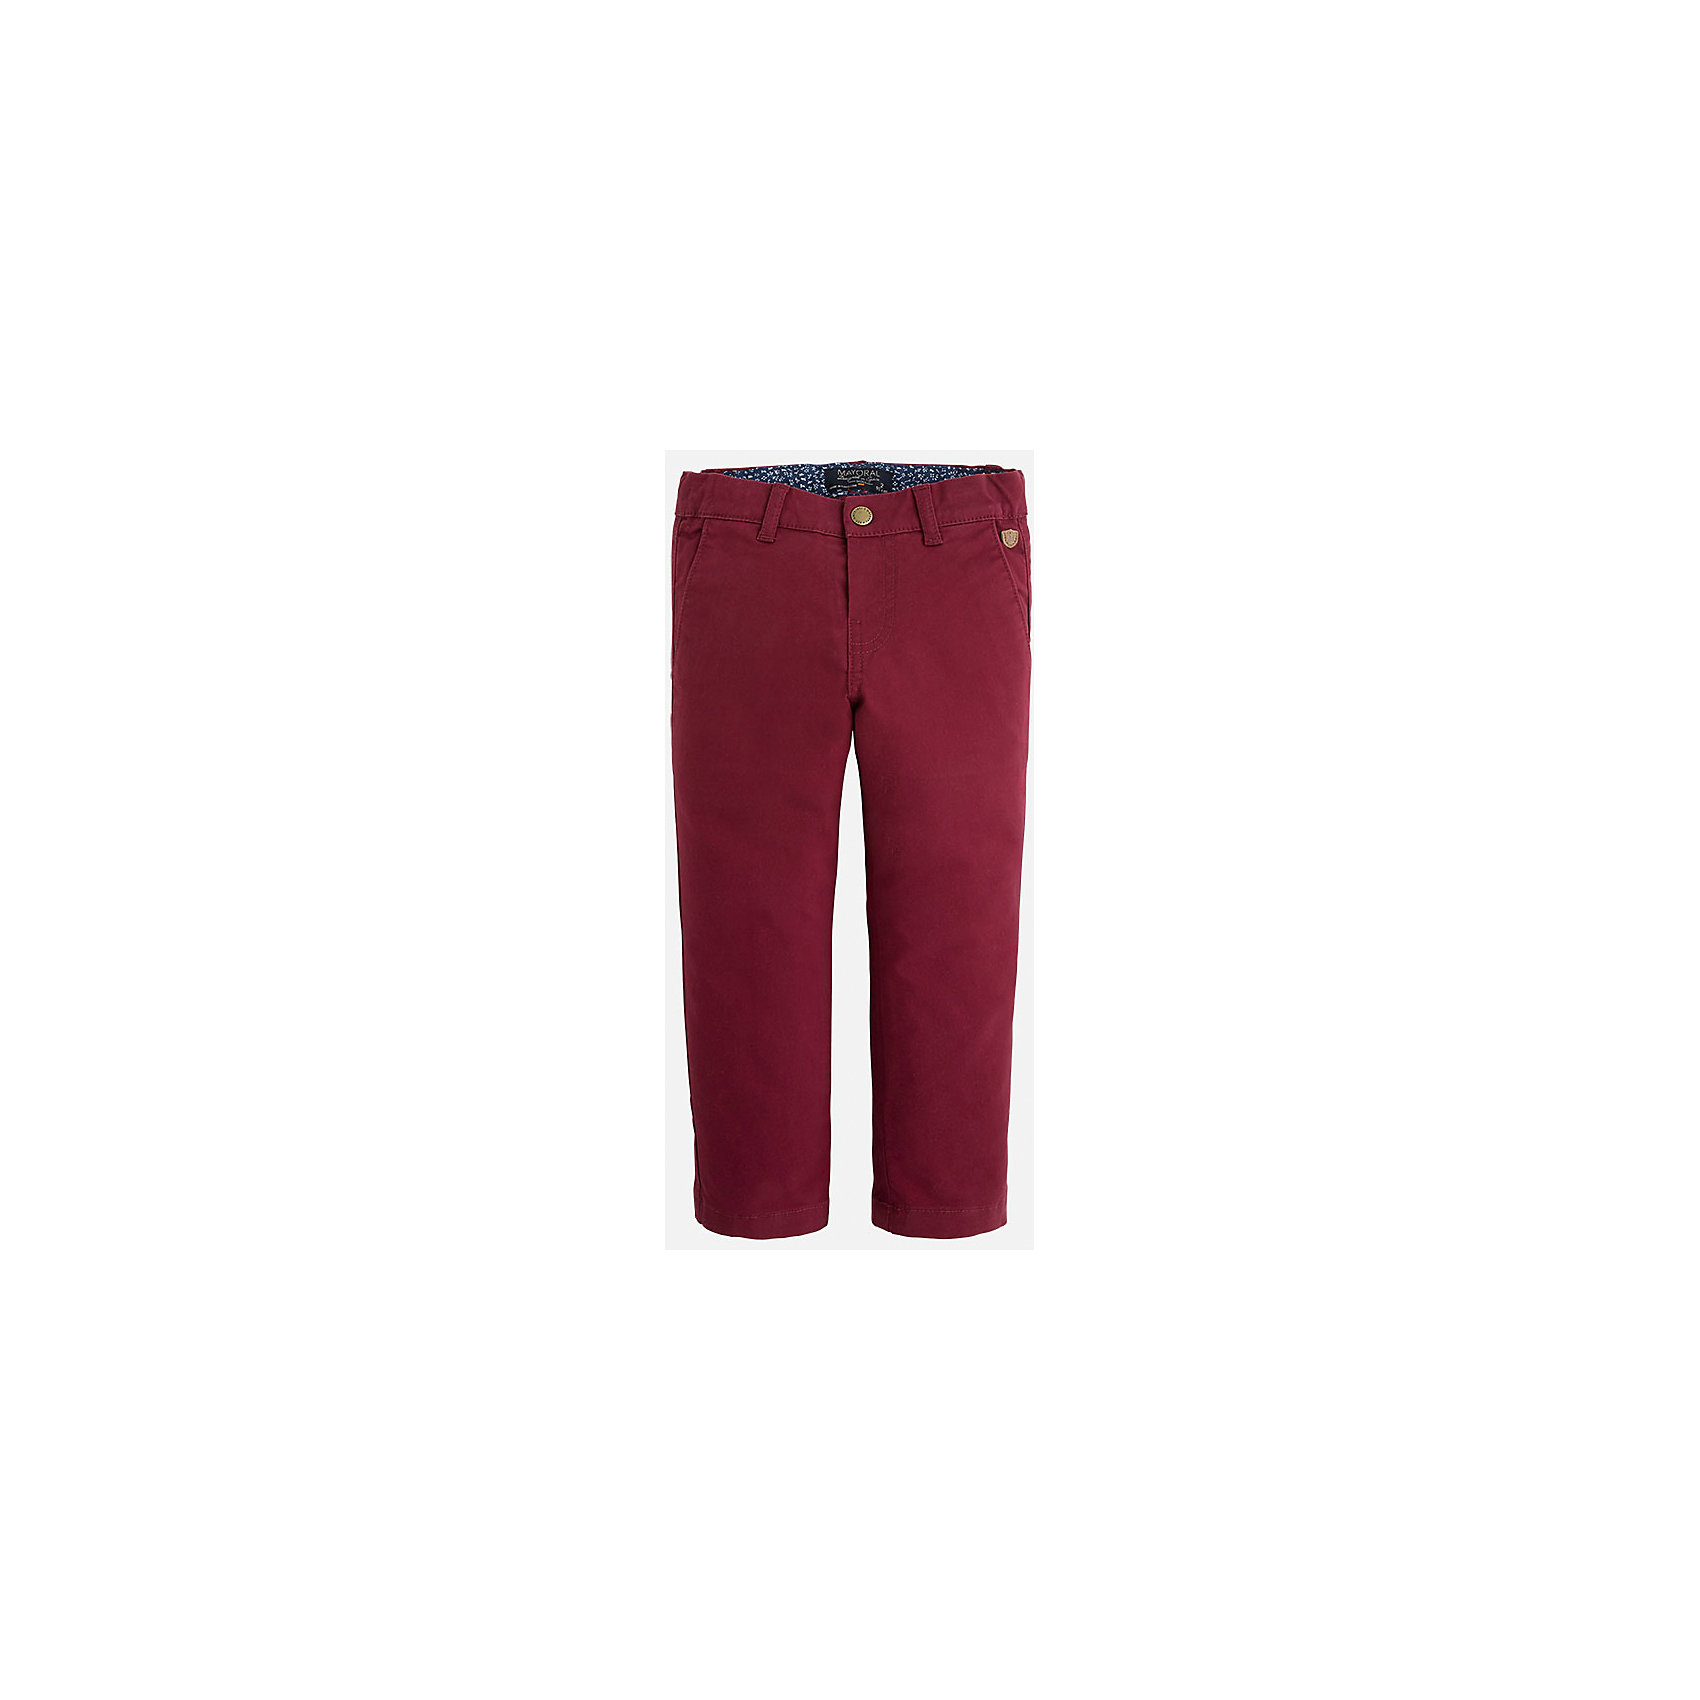 Брюки для мальчика MayoralХорошие, качественные брюки - это необходимый атрибут в гардеробе каждого человека!<br><br>Дополнительная информация:<br><br>- Крой: классический крой (Regular fit).<br>- Страна бренда: Испания.<br>- Состав: хлопок 98%, эластан 2%.<br>- Цвет: вишневый.<br>- Уход: бережная стирка при 30 градусах.<br><br>Купить брюки для мальчика Mayoral можно в нашем магазине.<br><br>Ширина мм: 215<br>Глубина мм: 88<br>Высота мм: 191<br>Вес г: 336<br>Цвет: бордовый<br>Возраст от месяцев: 60<br>Возраст до месяцев: 72<br>Пол: Мужской<br>Возраст: Детский<br>Размер: 116,98,104,122,134,128,110<br>SKU: 4826655